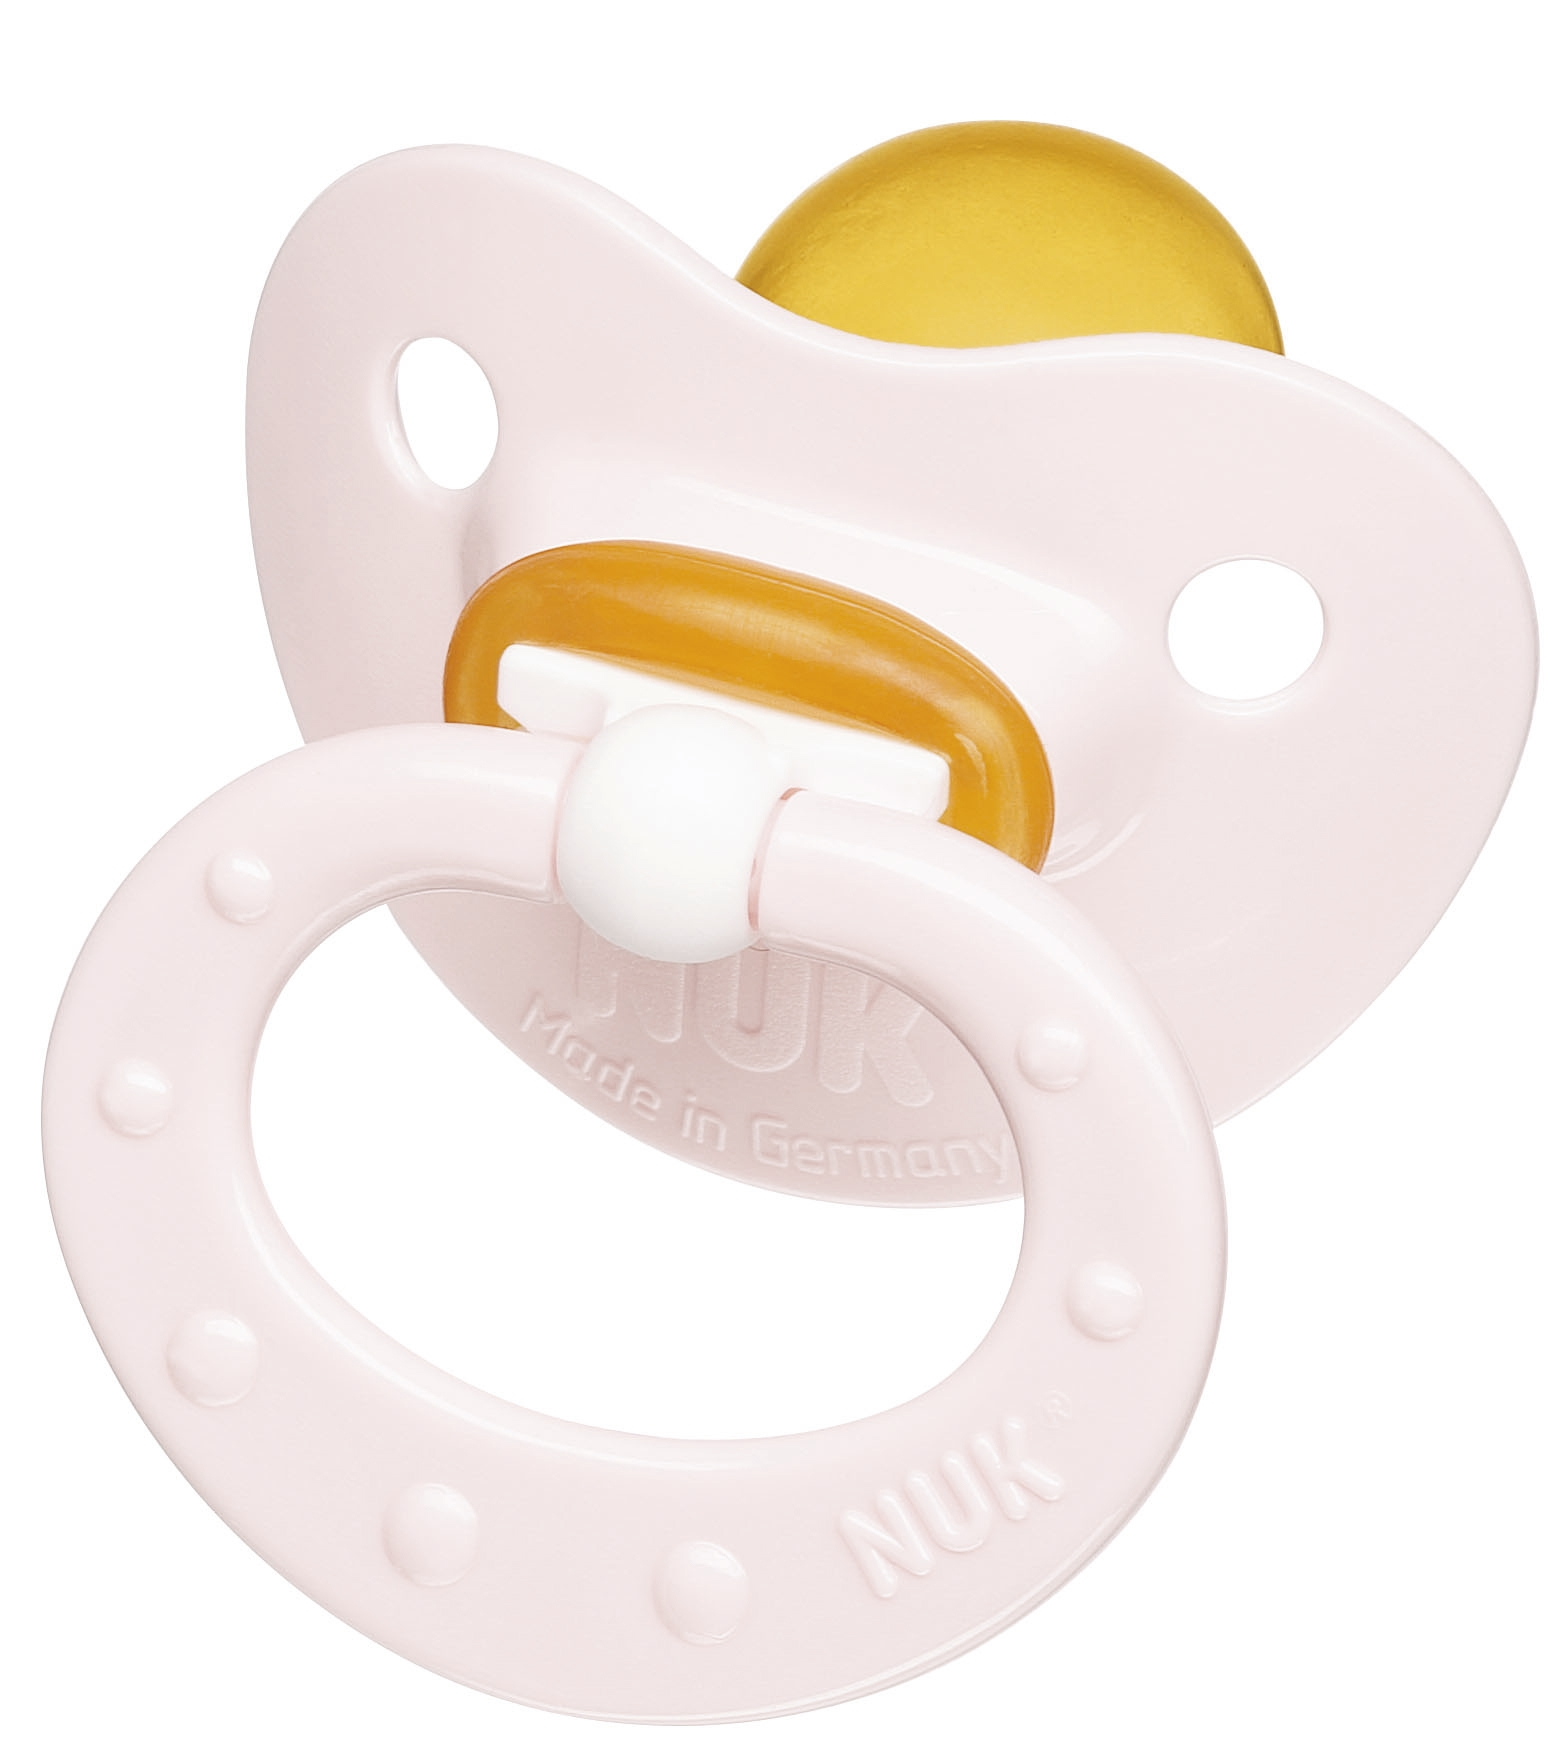 Пустышка NUK Baby Rose ортодонтическая для сна с рождения (латекс) пустышка силиконовая для сна nuk freestyle